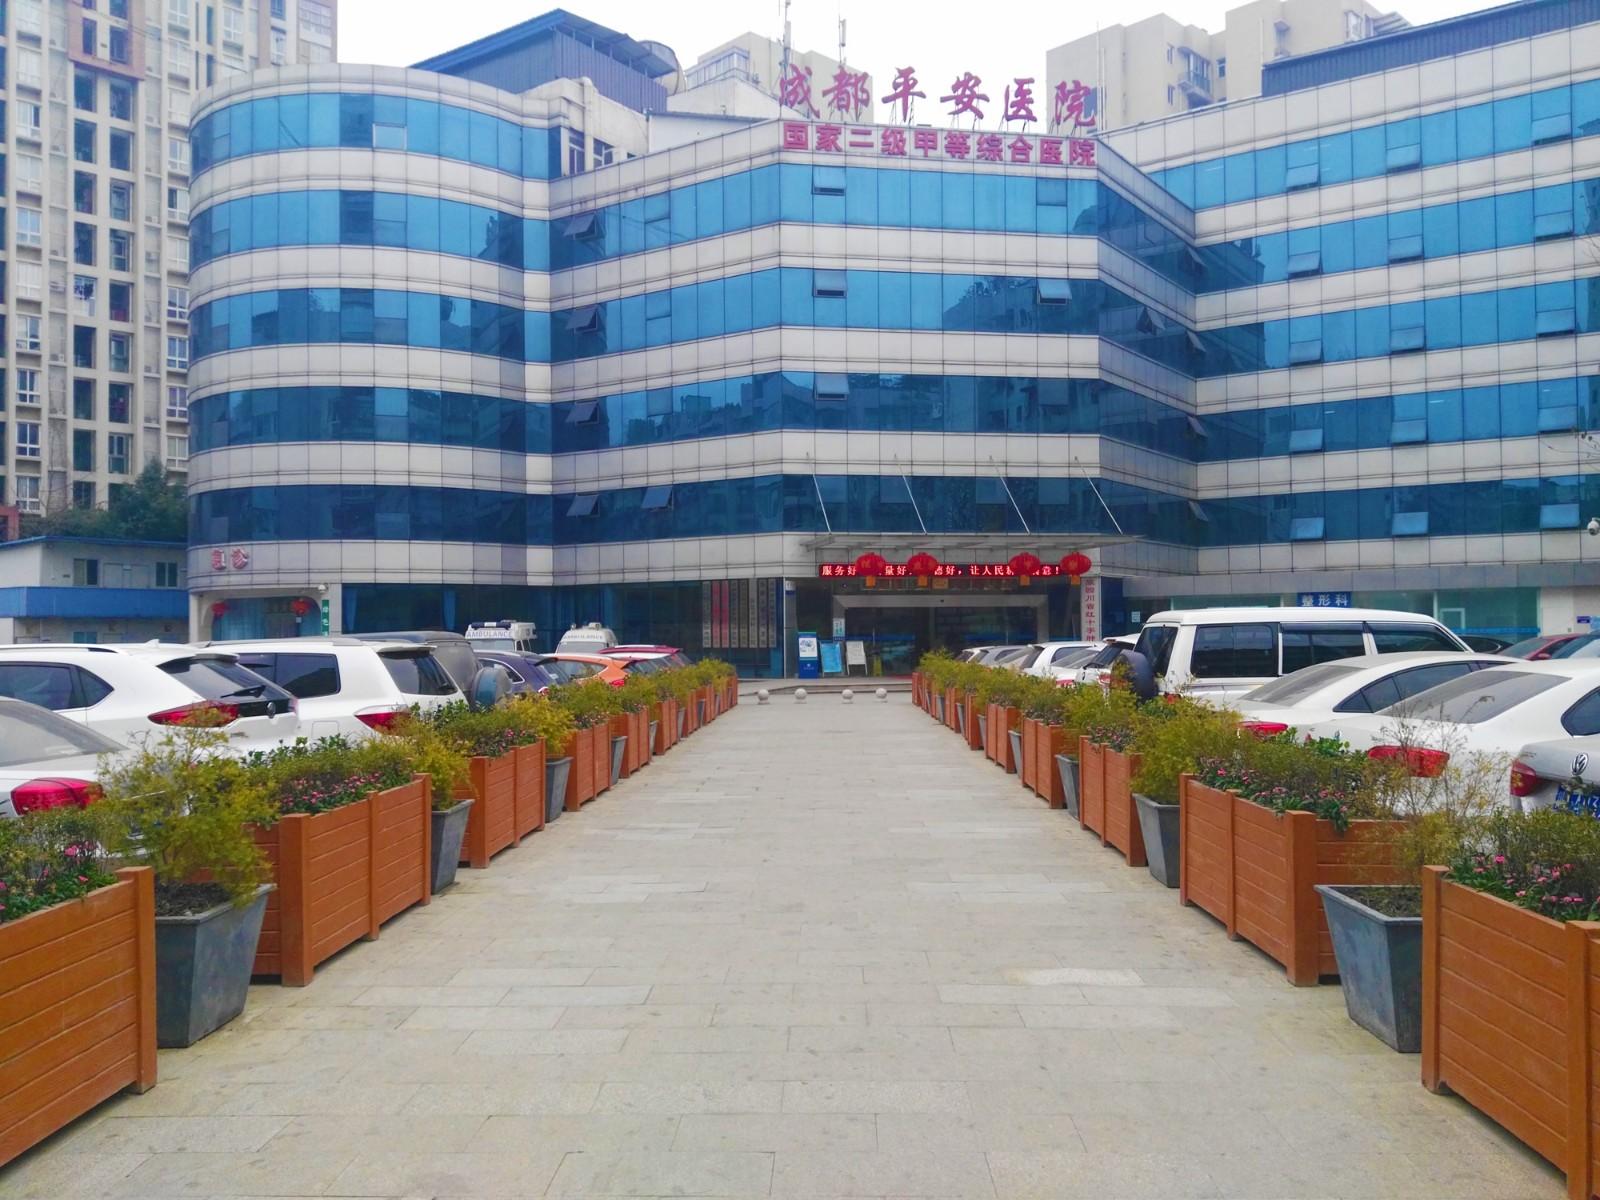 成都平安总部地址 中国平安保险成都总部地址 全球五金网